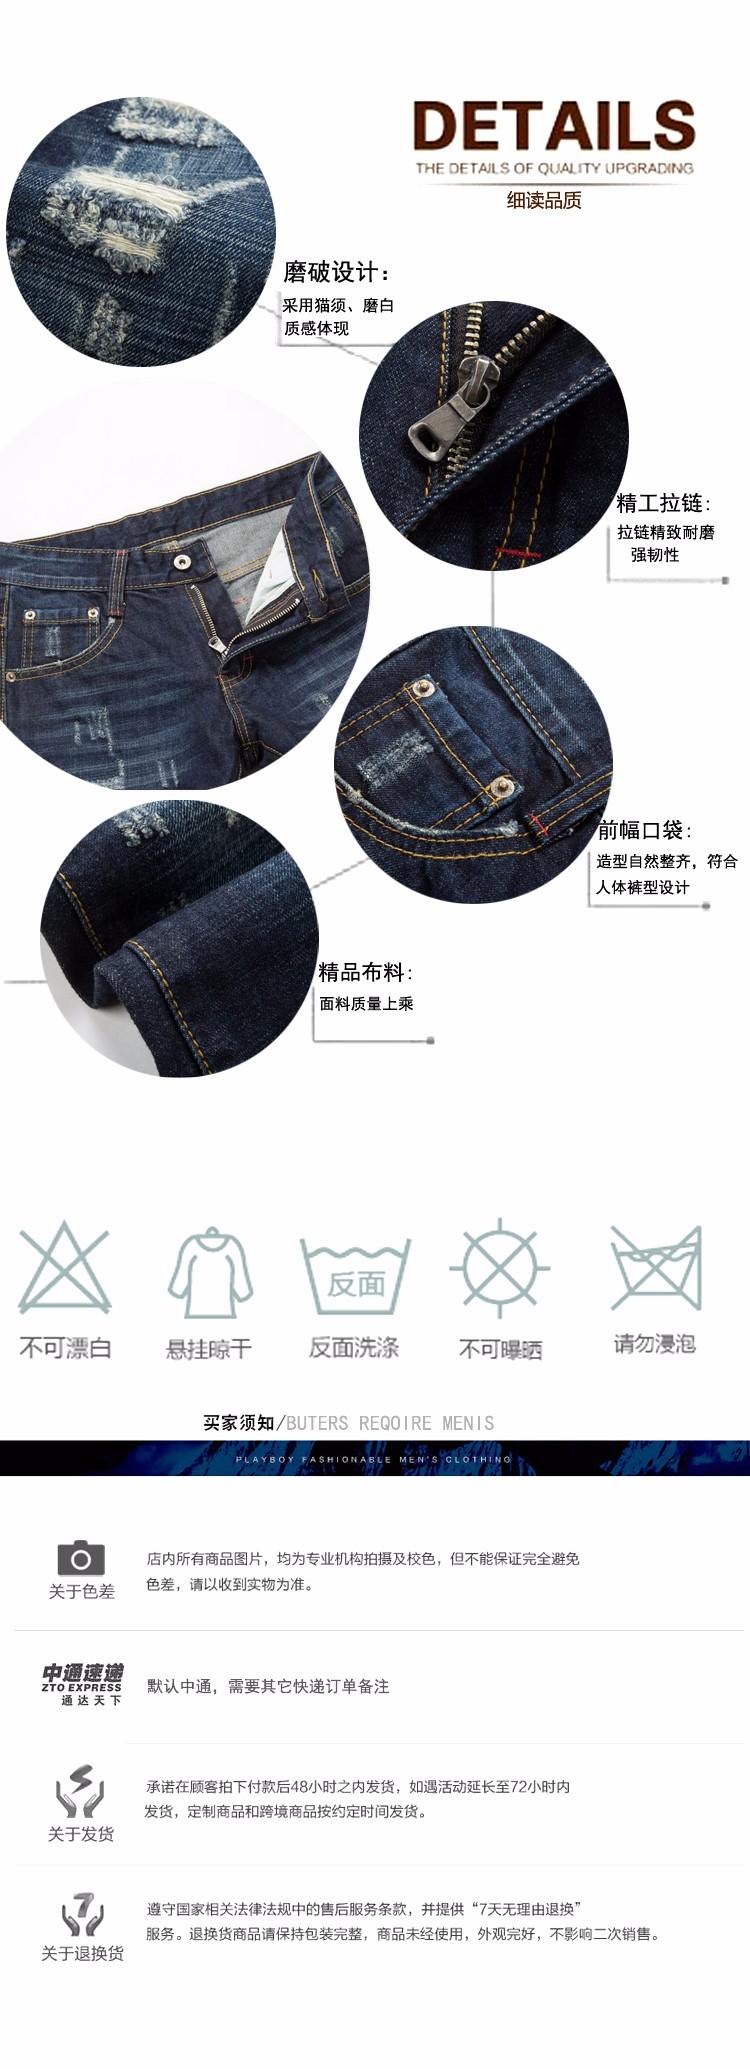 Скидки на 16 Осень и зима Прямой ногой досуг Показать тонкие человек джинсы мужчины отверстие брюки мальчика джинсы дизайнер брюки прямые Глубокий синий